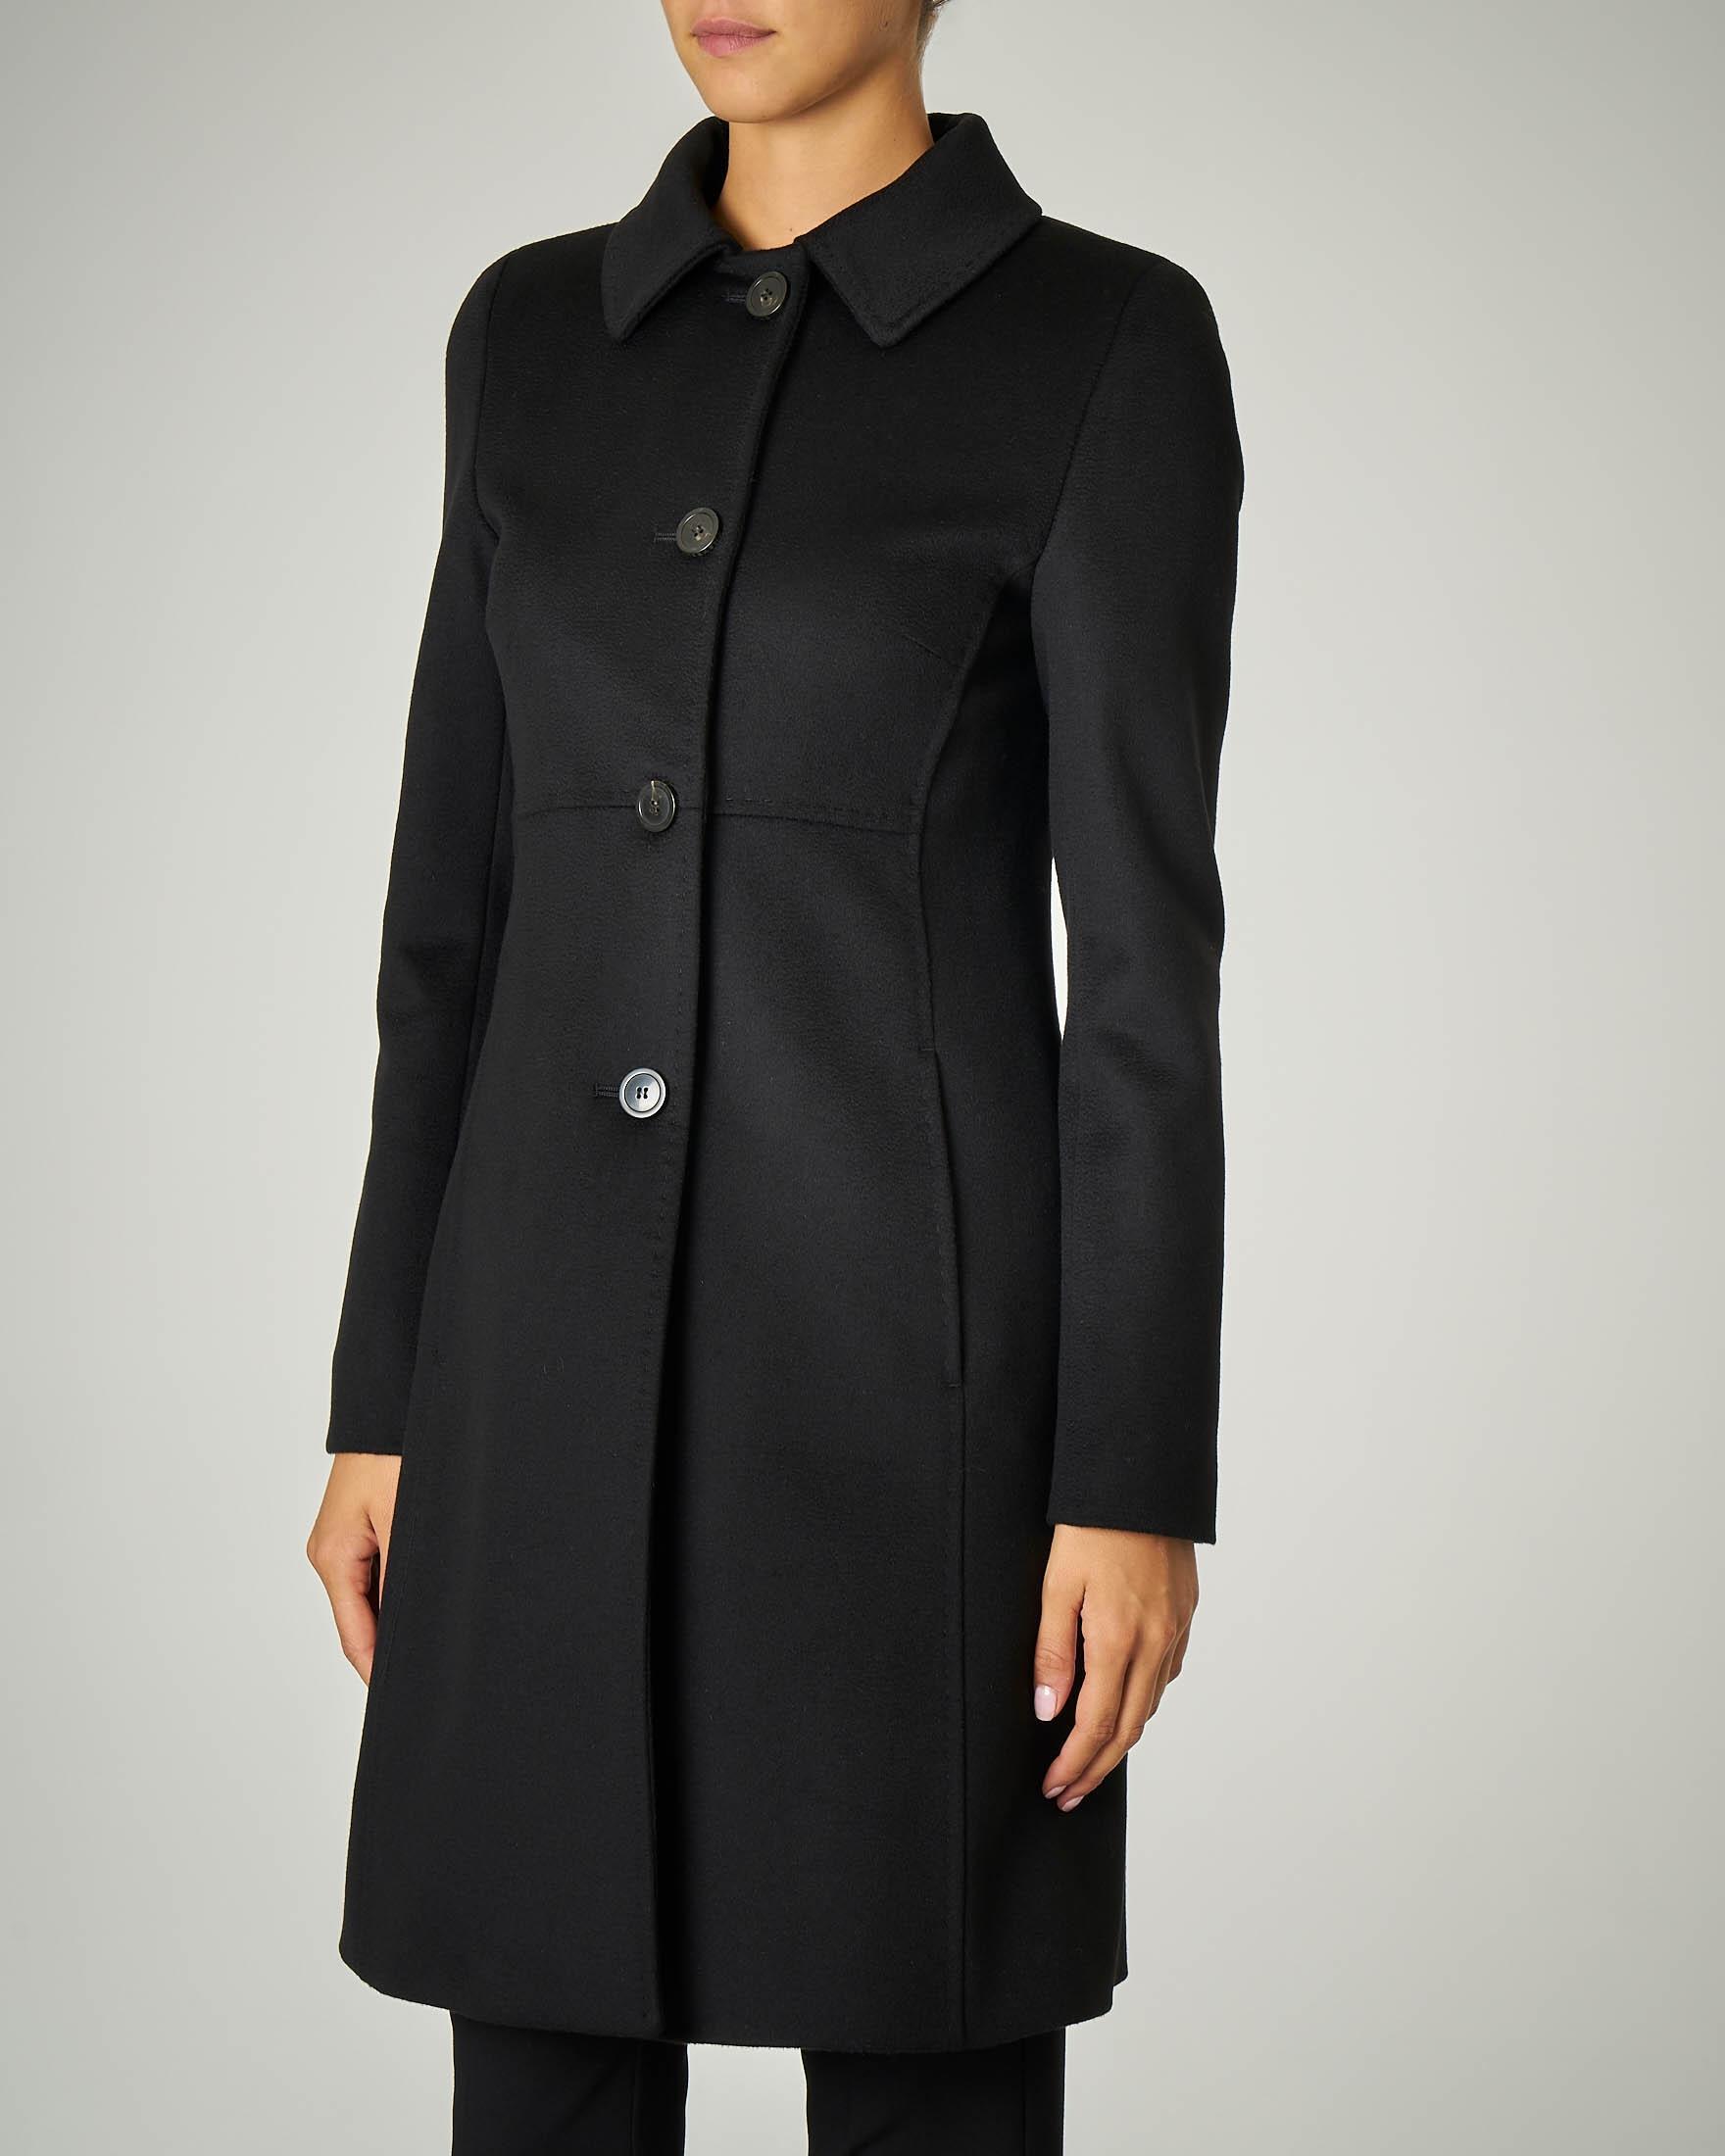 Cappotto nero sfiancato in pura lana.